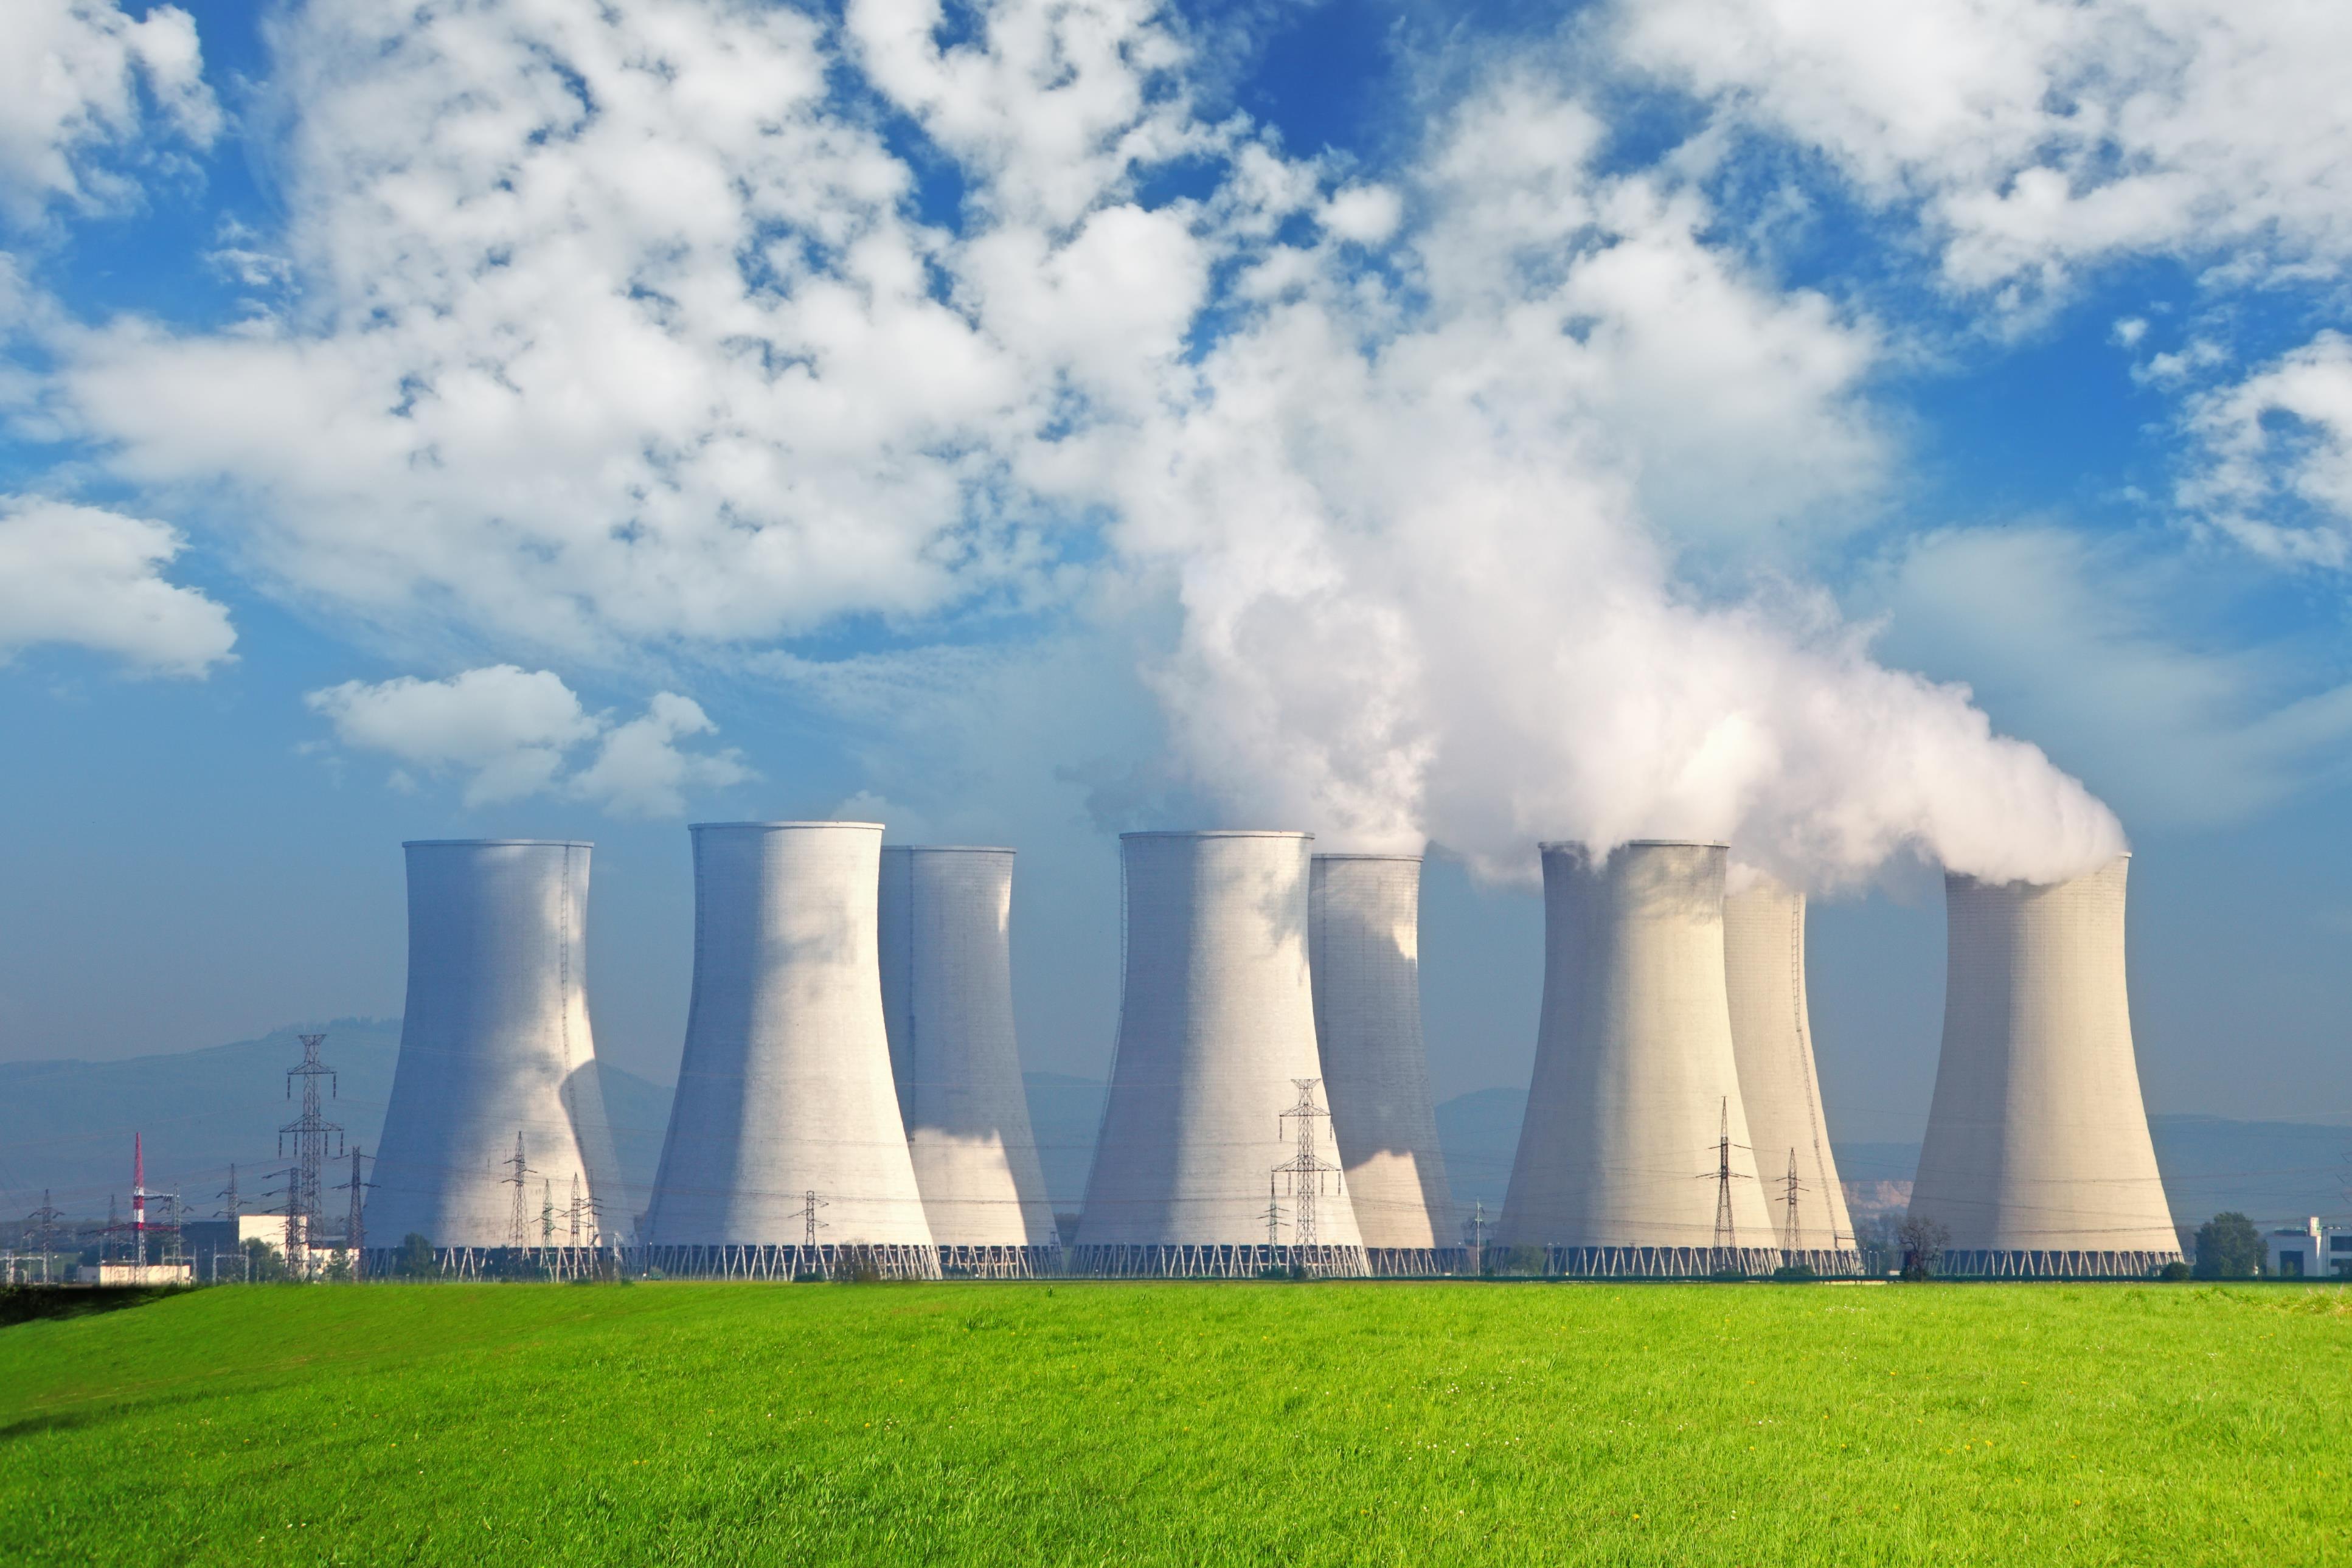 资讯_中核集团与柬埔寨签署和平利用核能合作谅解备忘录_电线电缆资讯_电缆